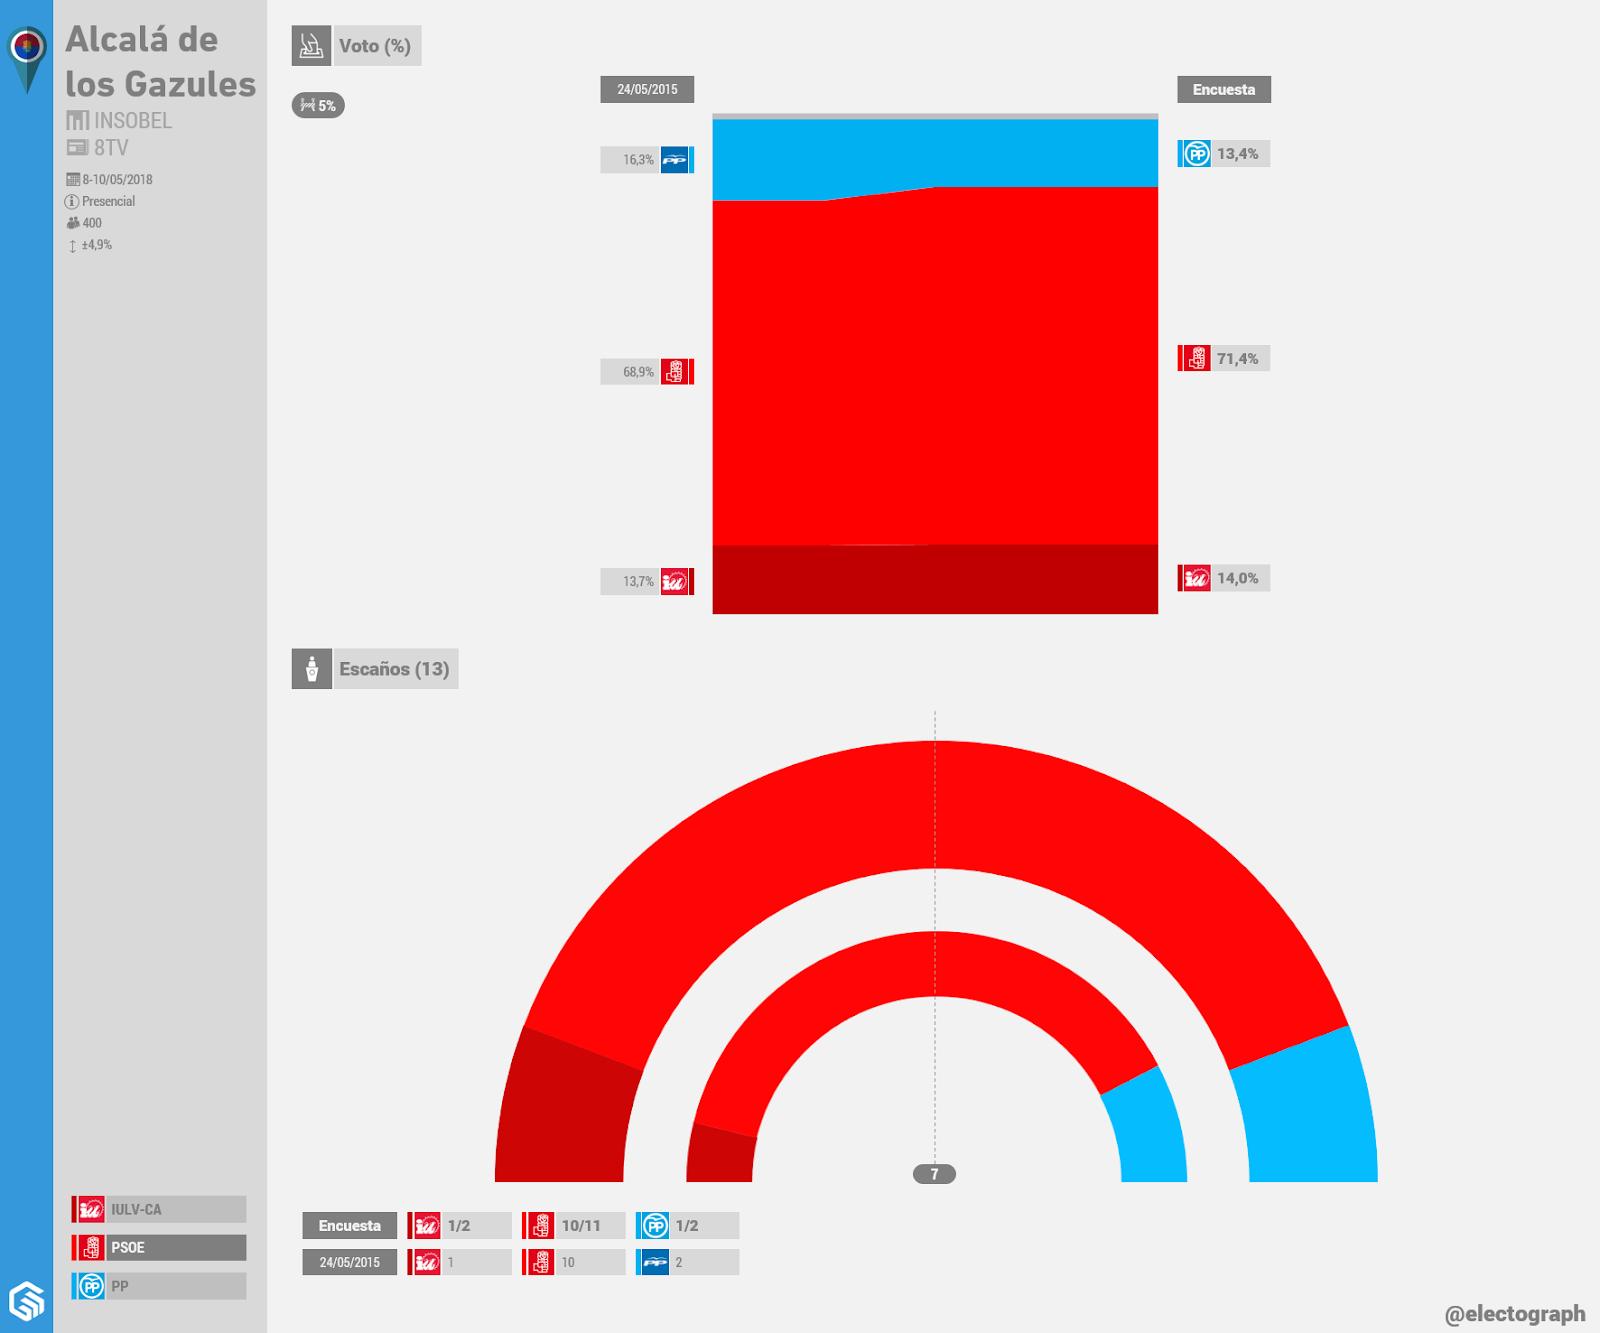 Gráfico de la encuesta para elecciones municipales en Alcalá de los Gazules realizada por Insobel para 8TV en mayo de 2018